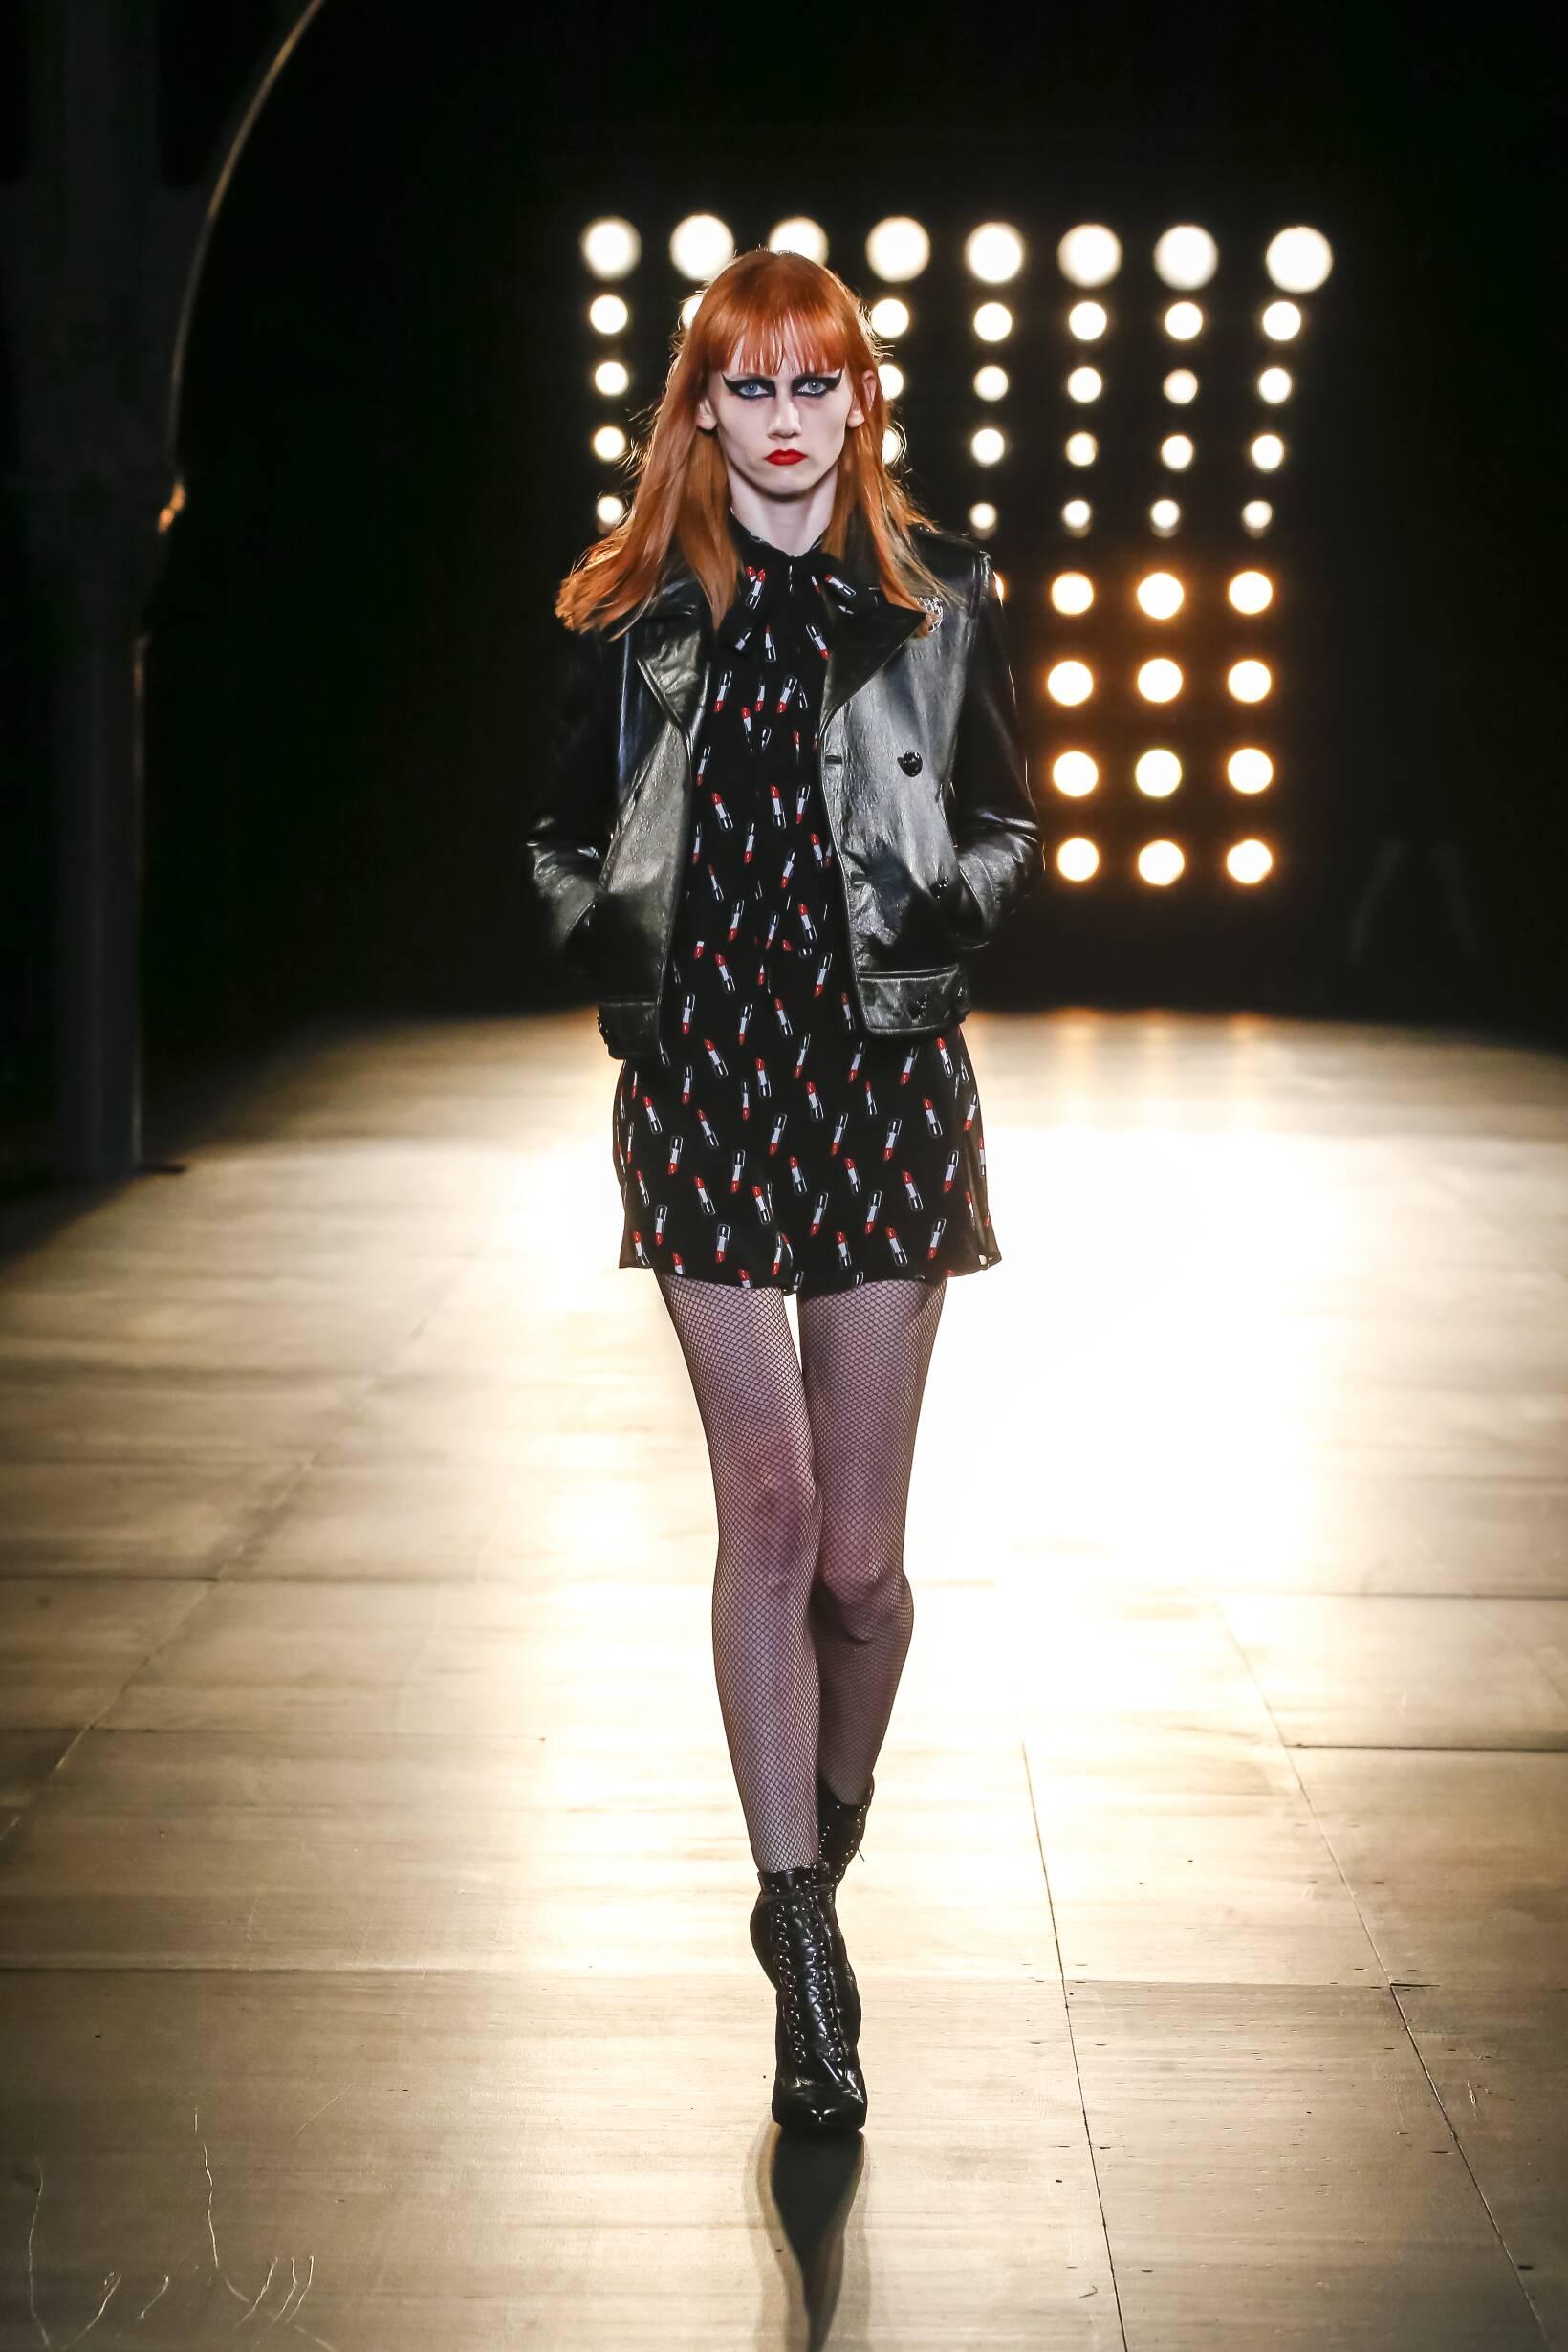 Winter 2015 Fashion Trends Saint Laurent Collection